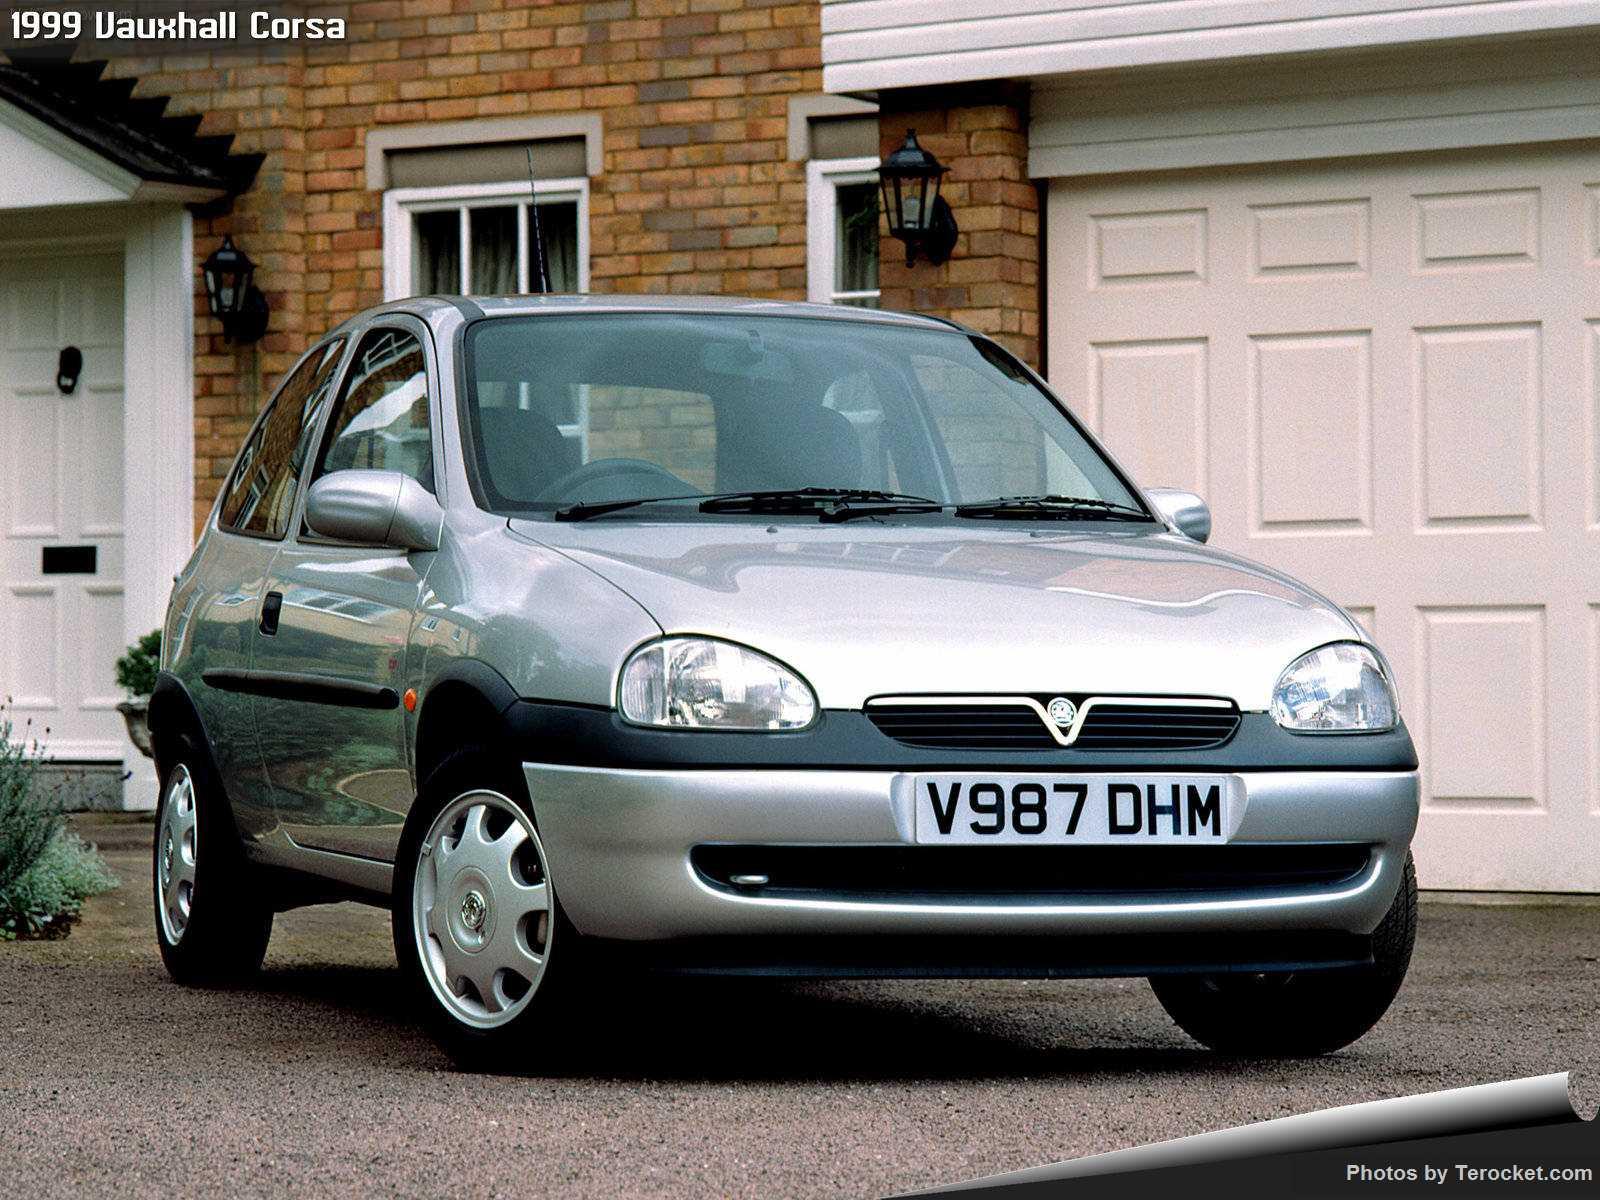 Hình ảnh xe ô tô tVauxhall Corsa 1999 & nội ngoại thấ